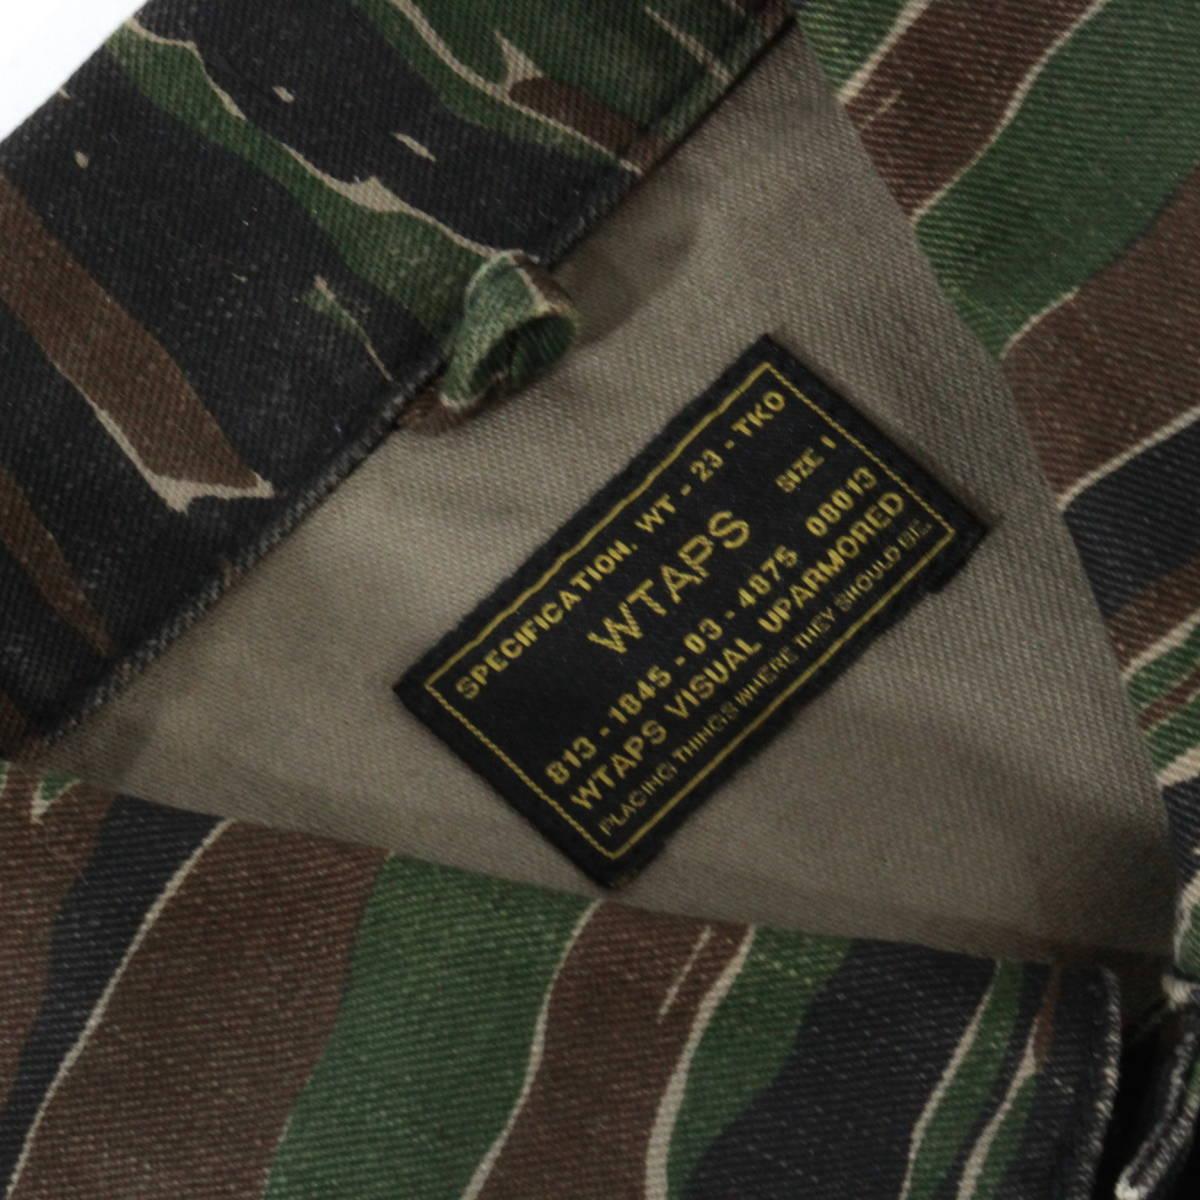 【即完売】WTAPS 17SS BUDS SS JUNGLE SHIRT TIGER STRIPE オーバーサイズ ミリタリーシャツ 1 S タイガーカモ 迷彩 ダブルタップス_画像8